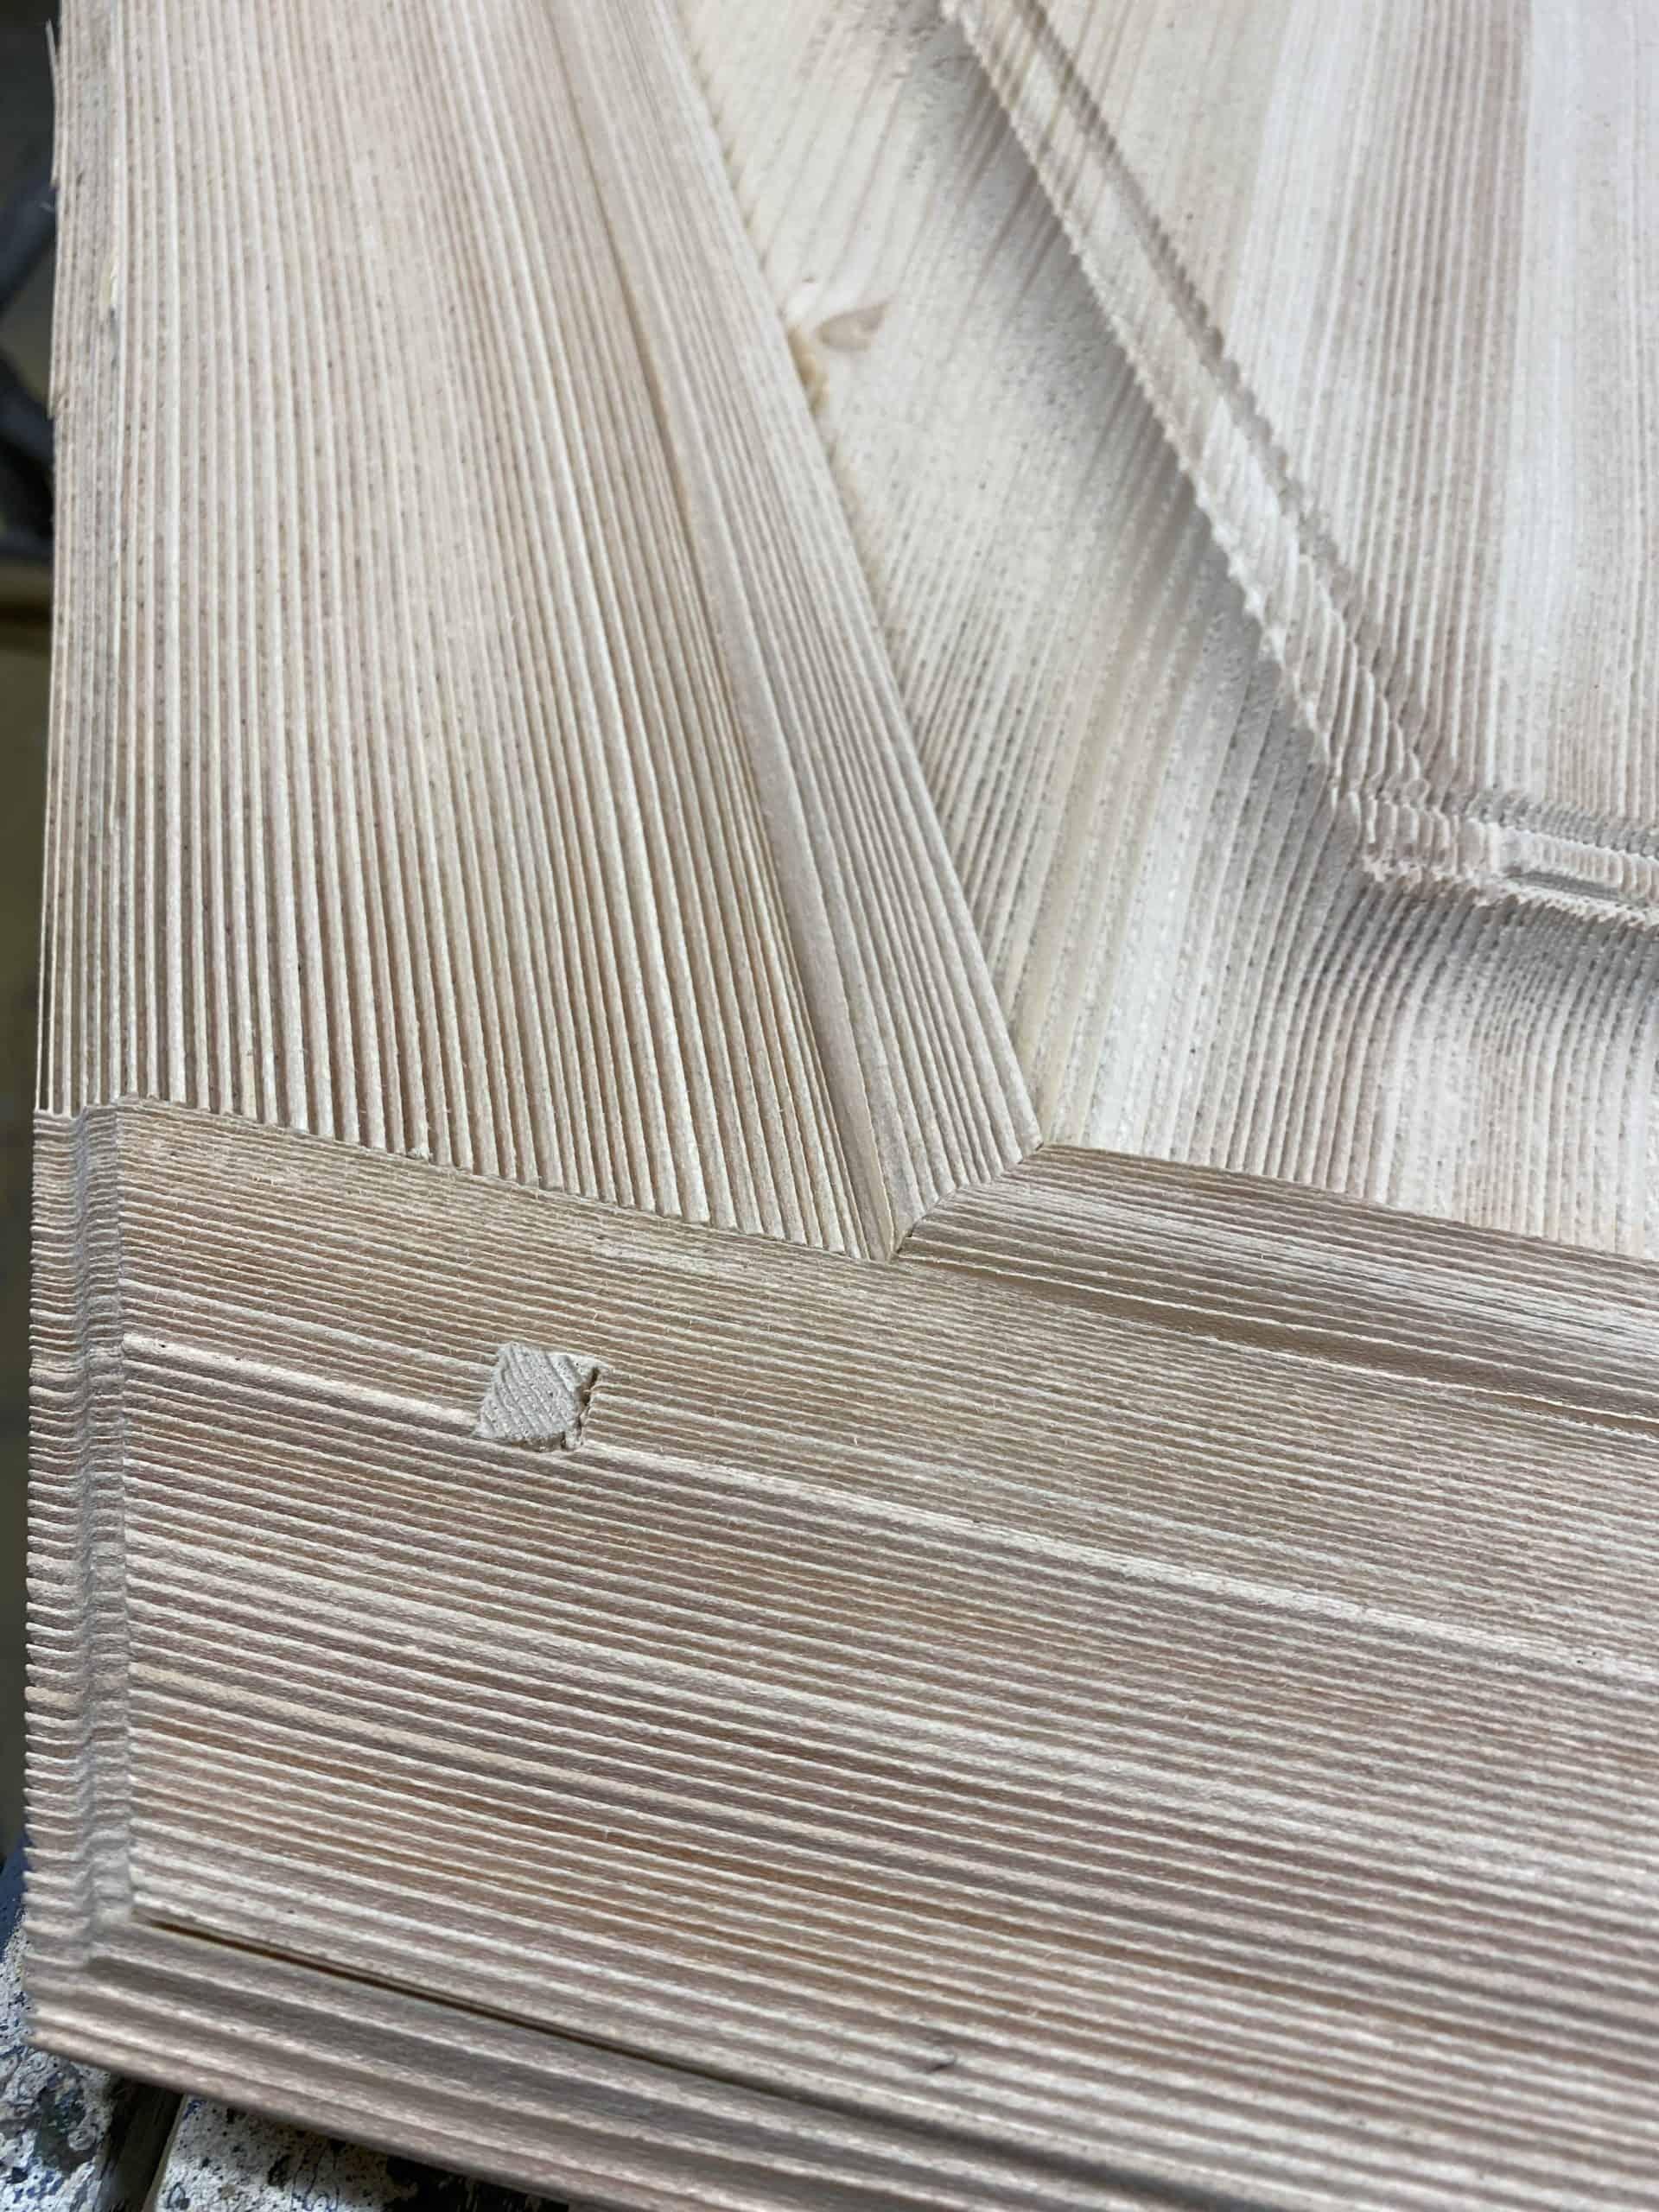 Veinage tendre du bois creusé a la demande de notre client